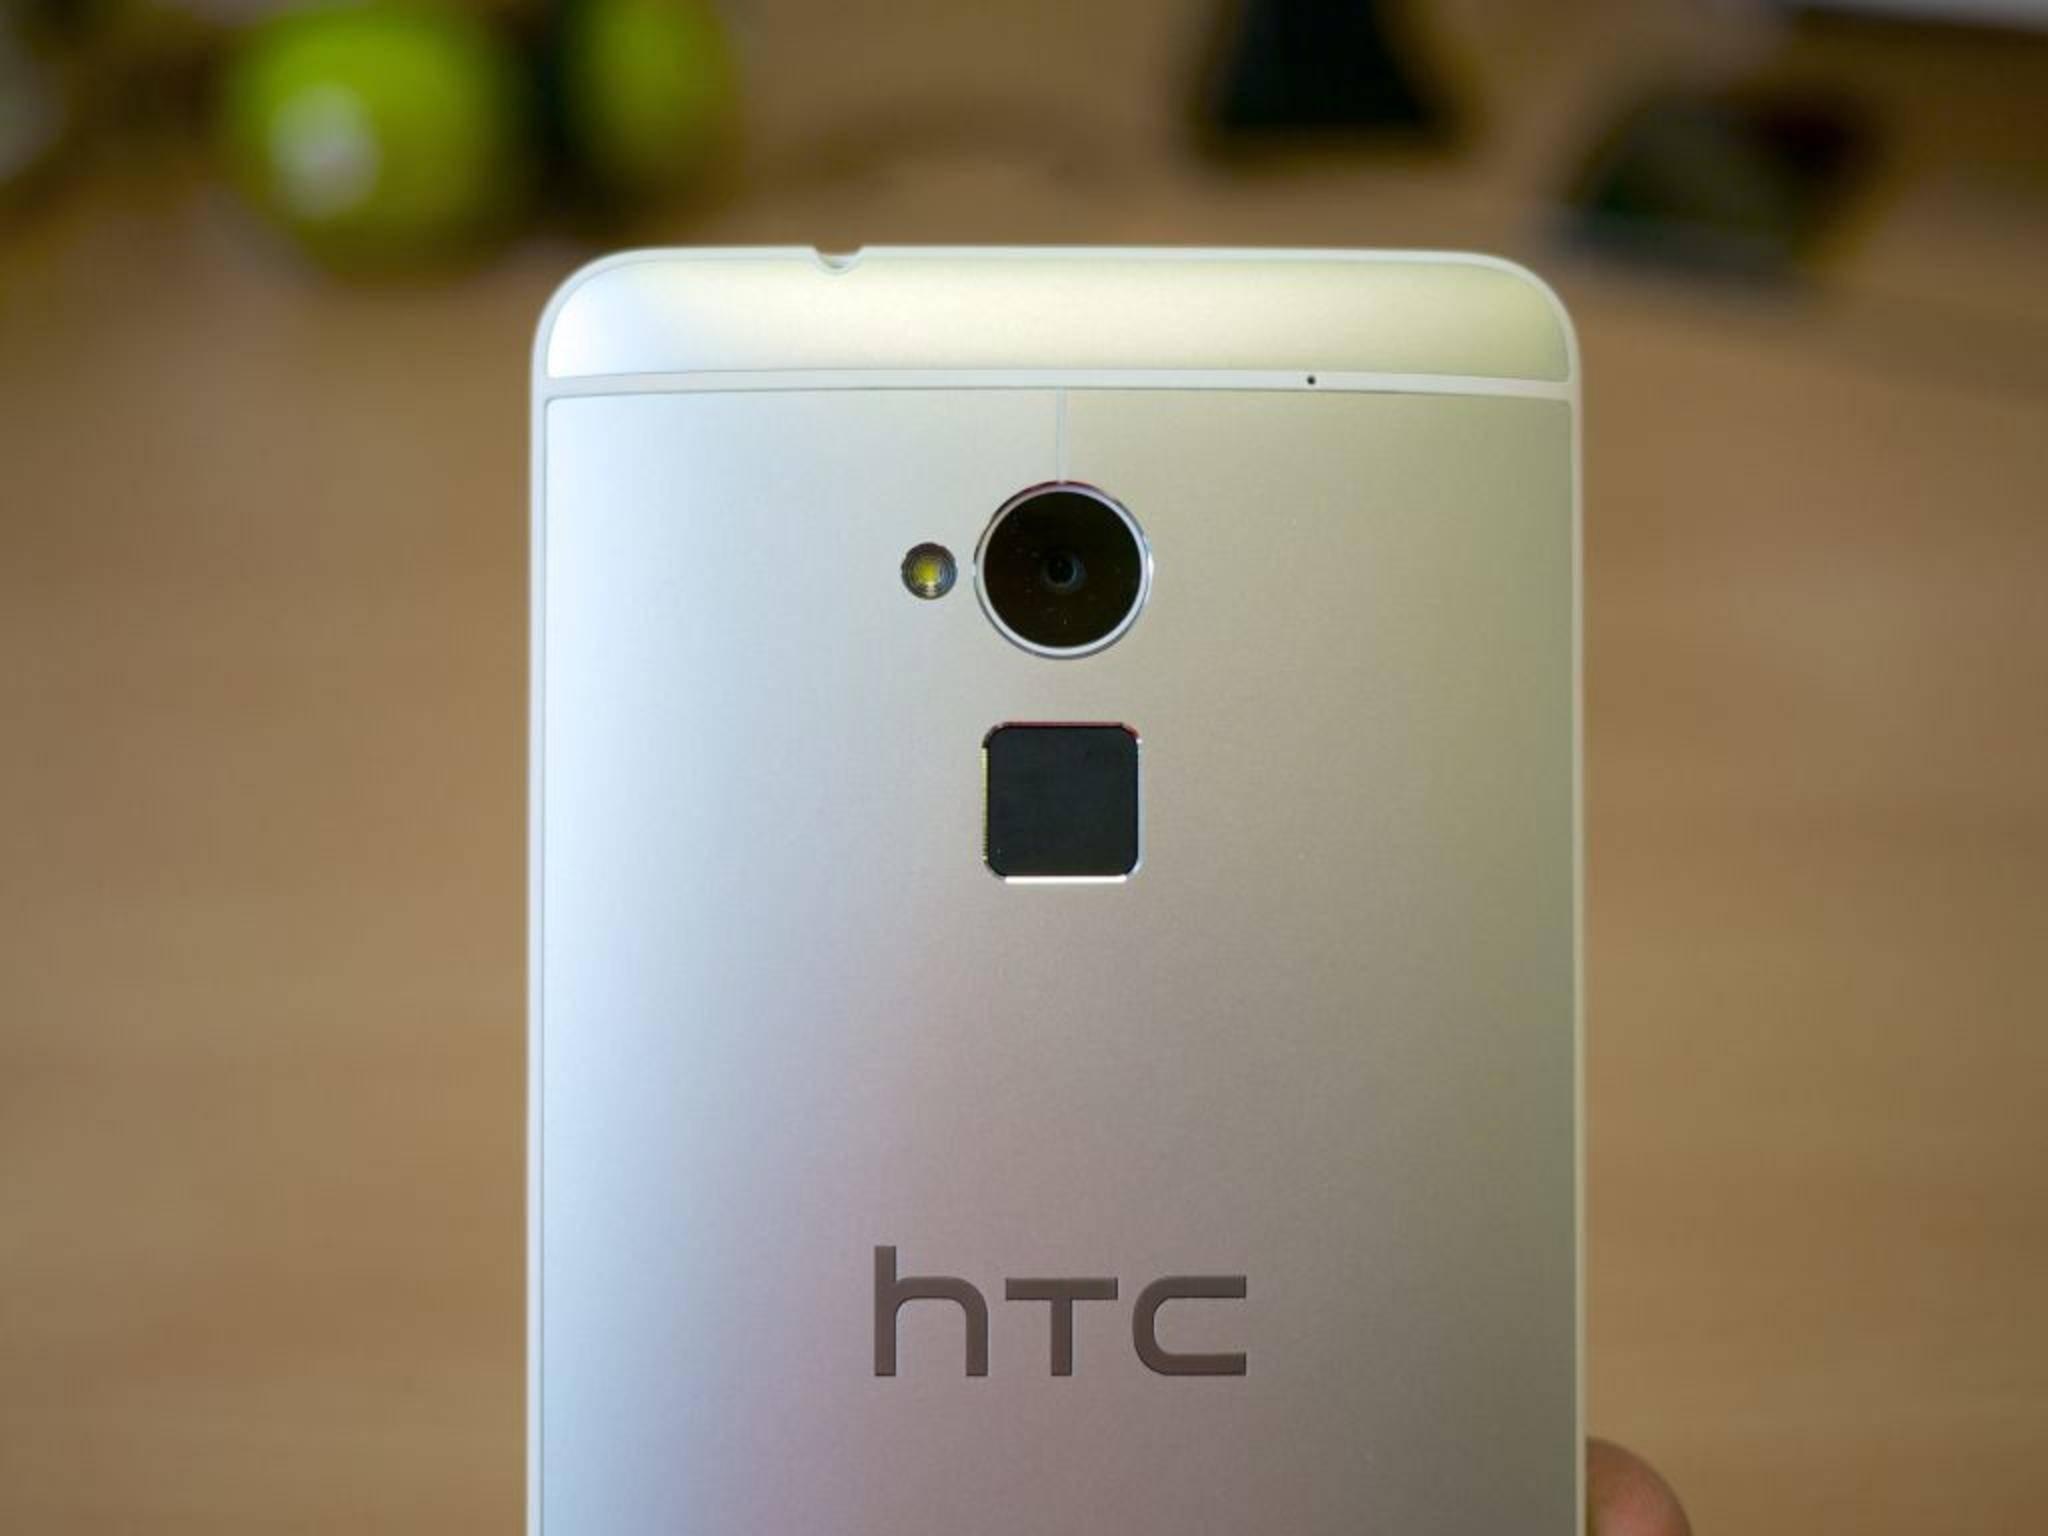 Das HTC One Max speicherte Fingerabdrücke lange Zeit unverschlüsselt.